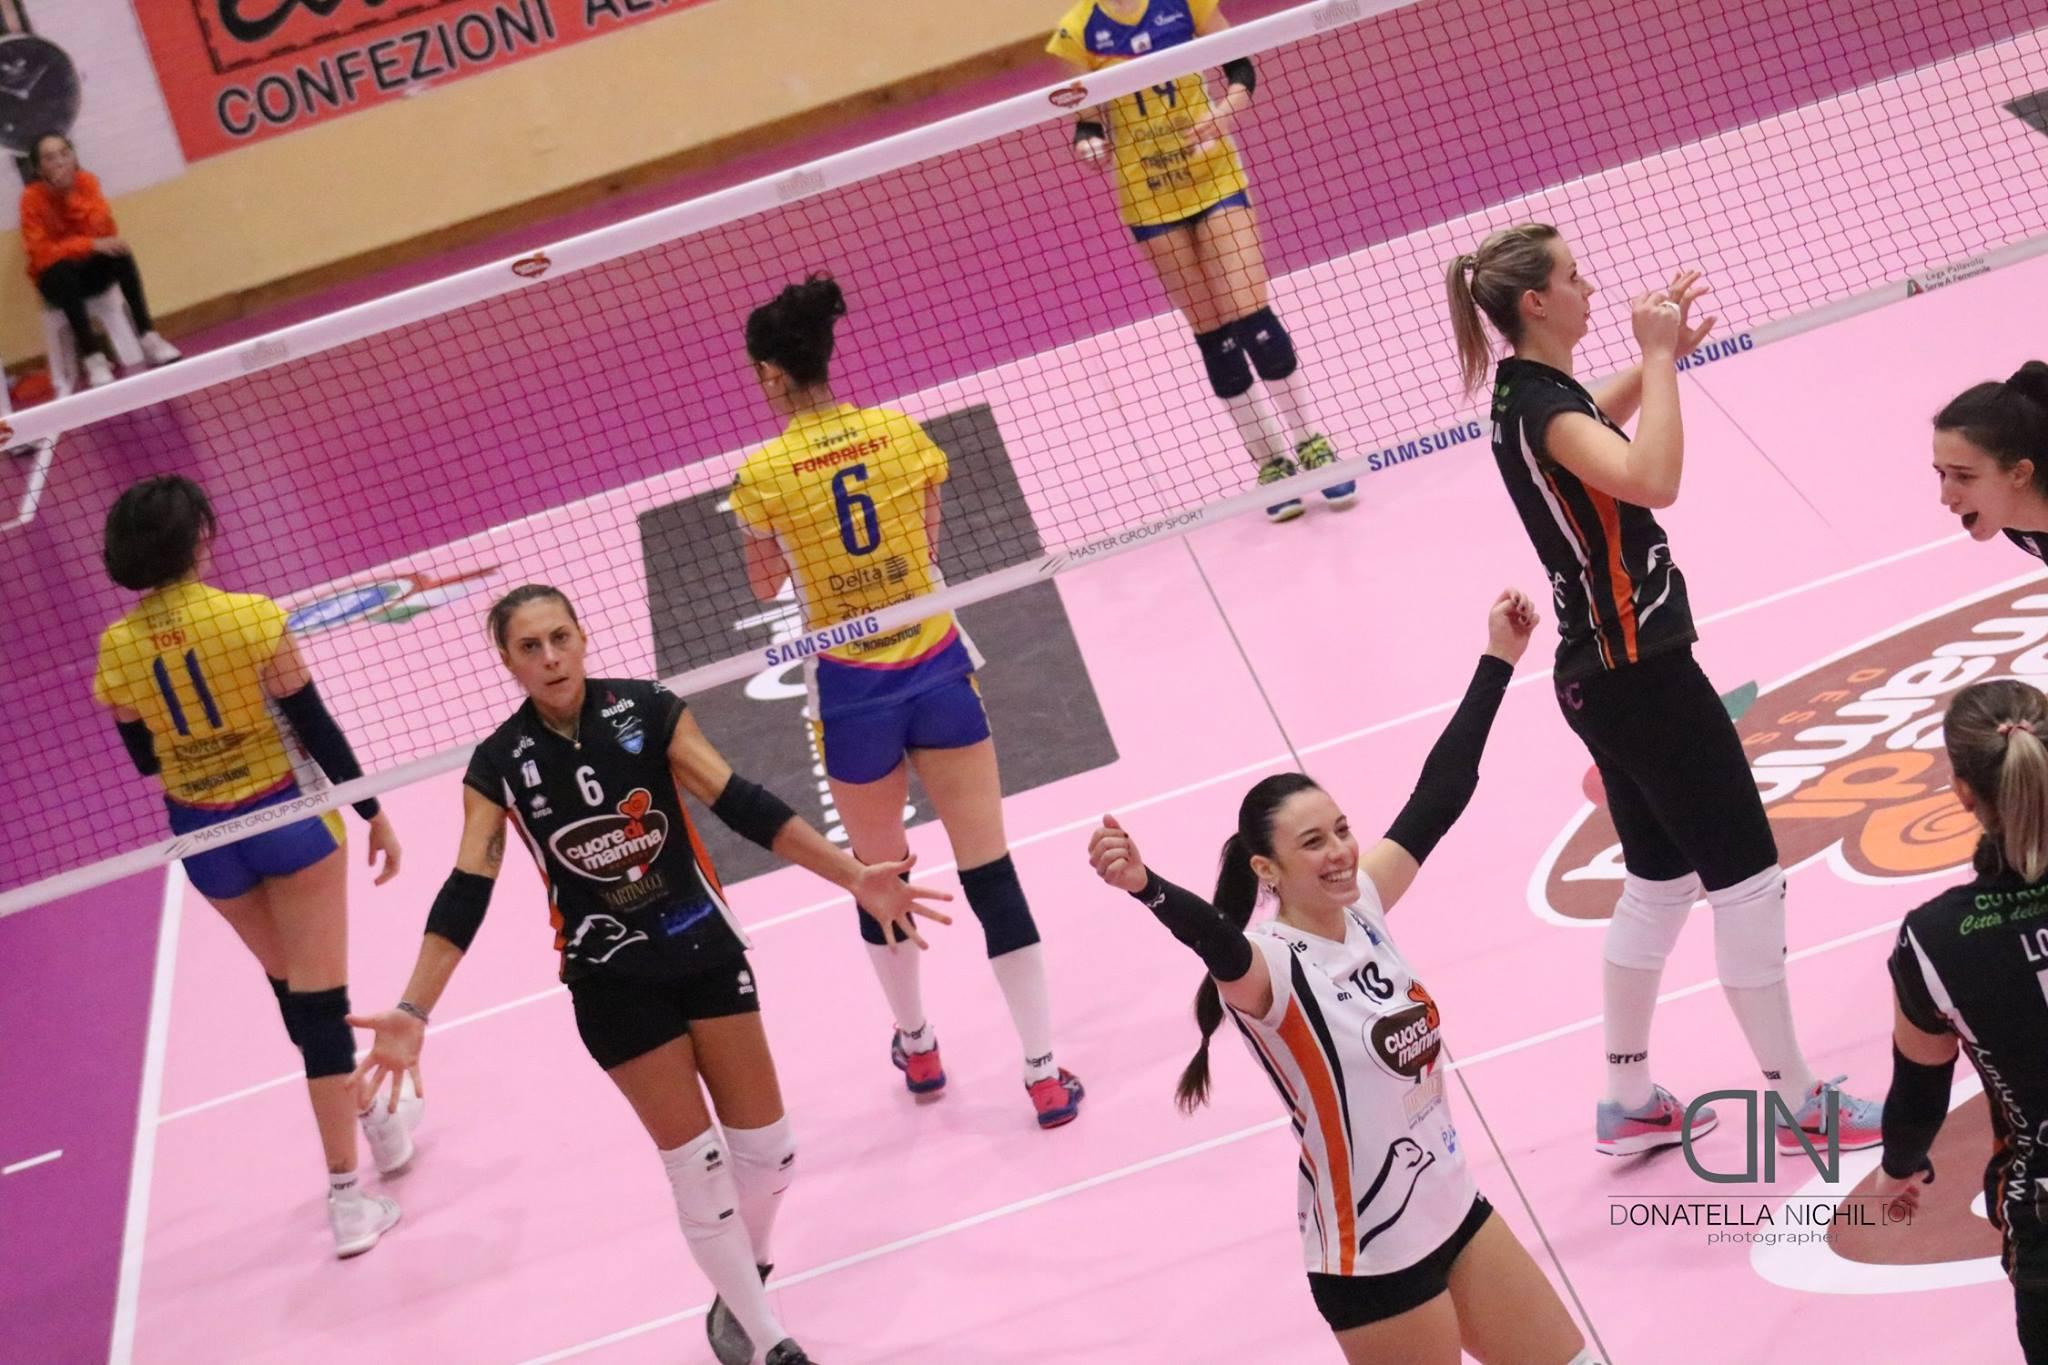 Serie A2 – Sigel Marsala Vs CUORE DI MAMMA Cutrofiano: Un Derby per migliorarsi!